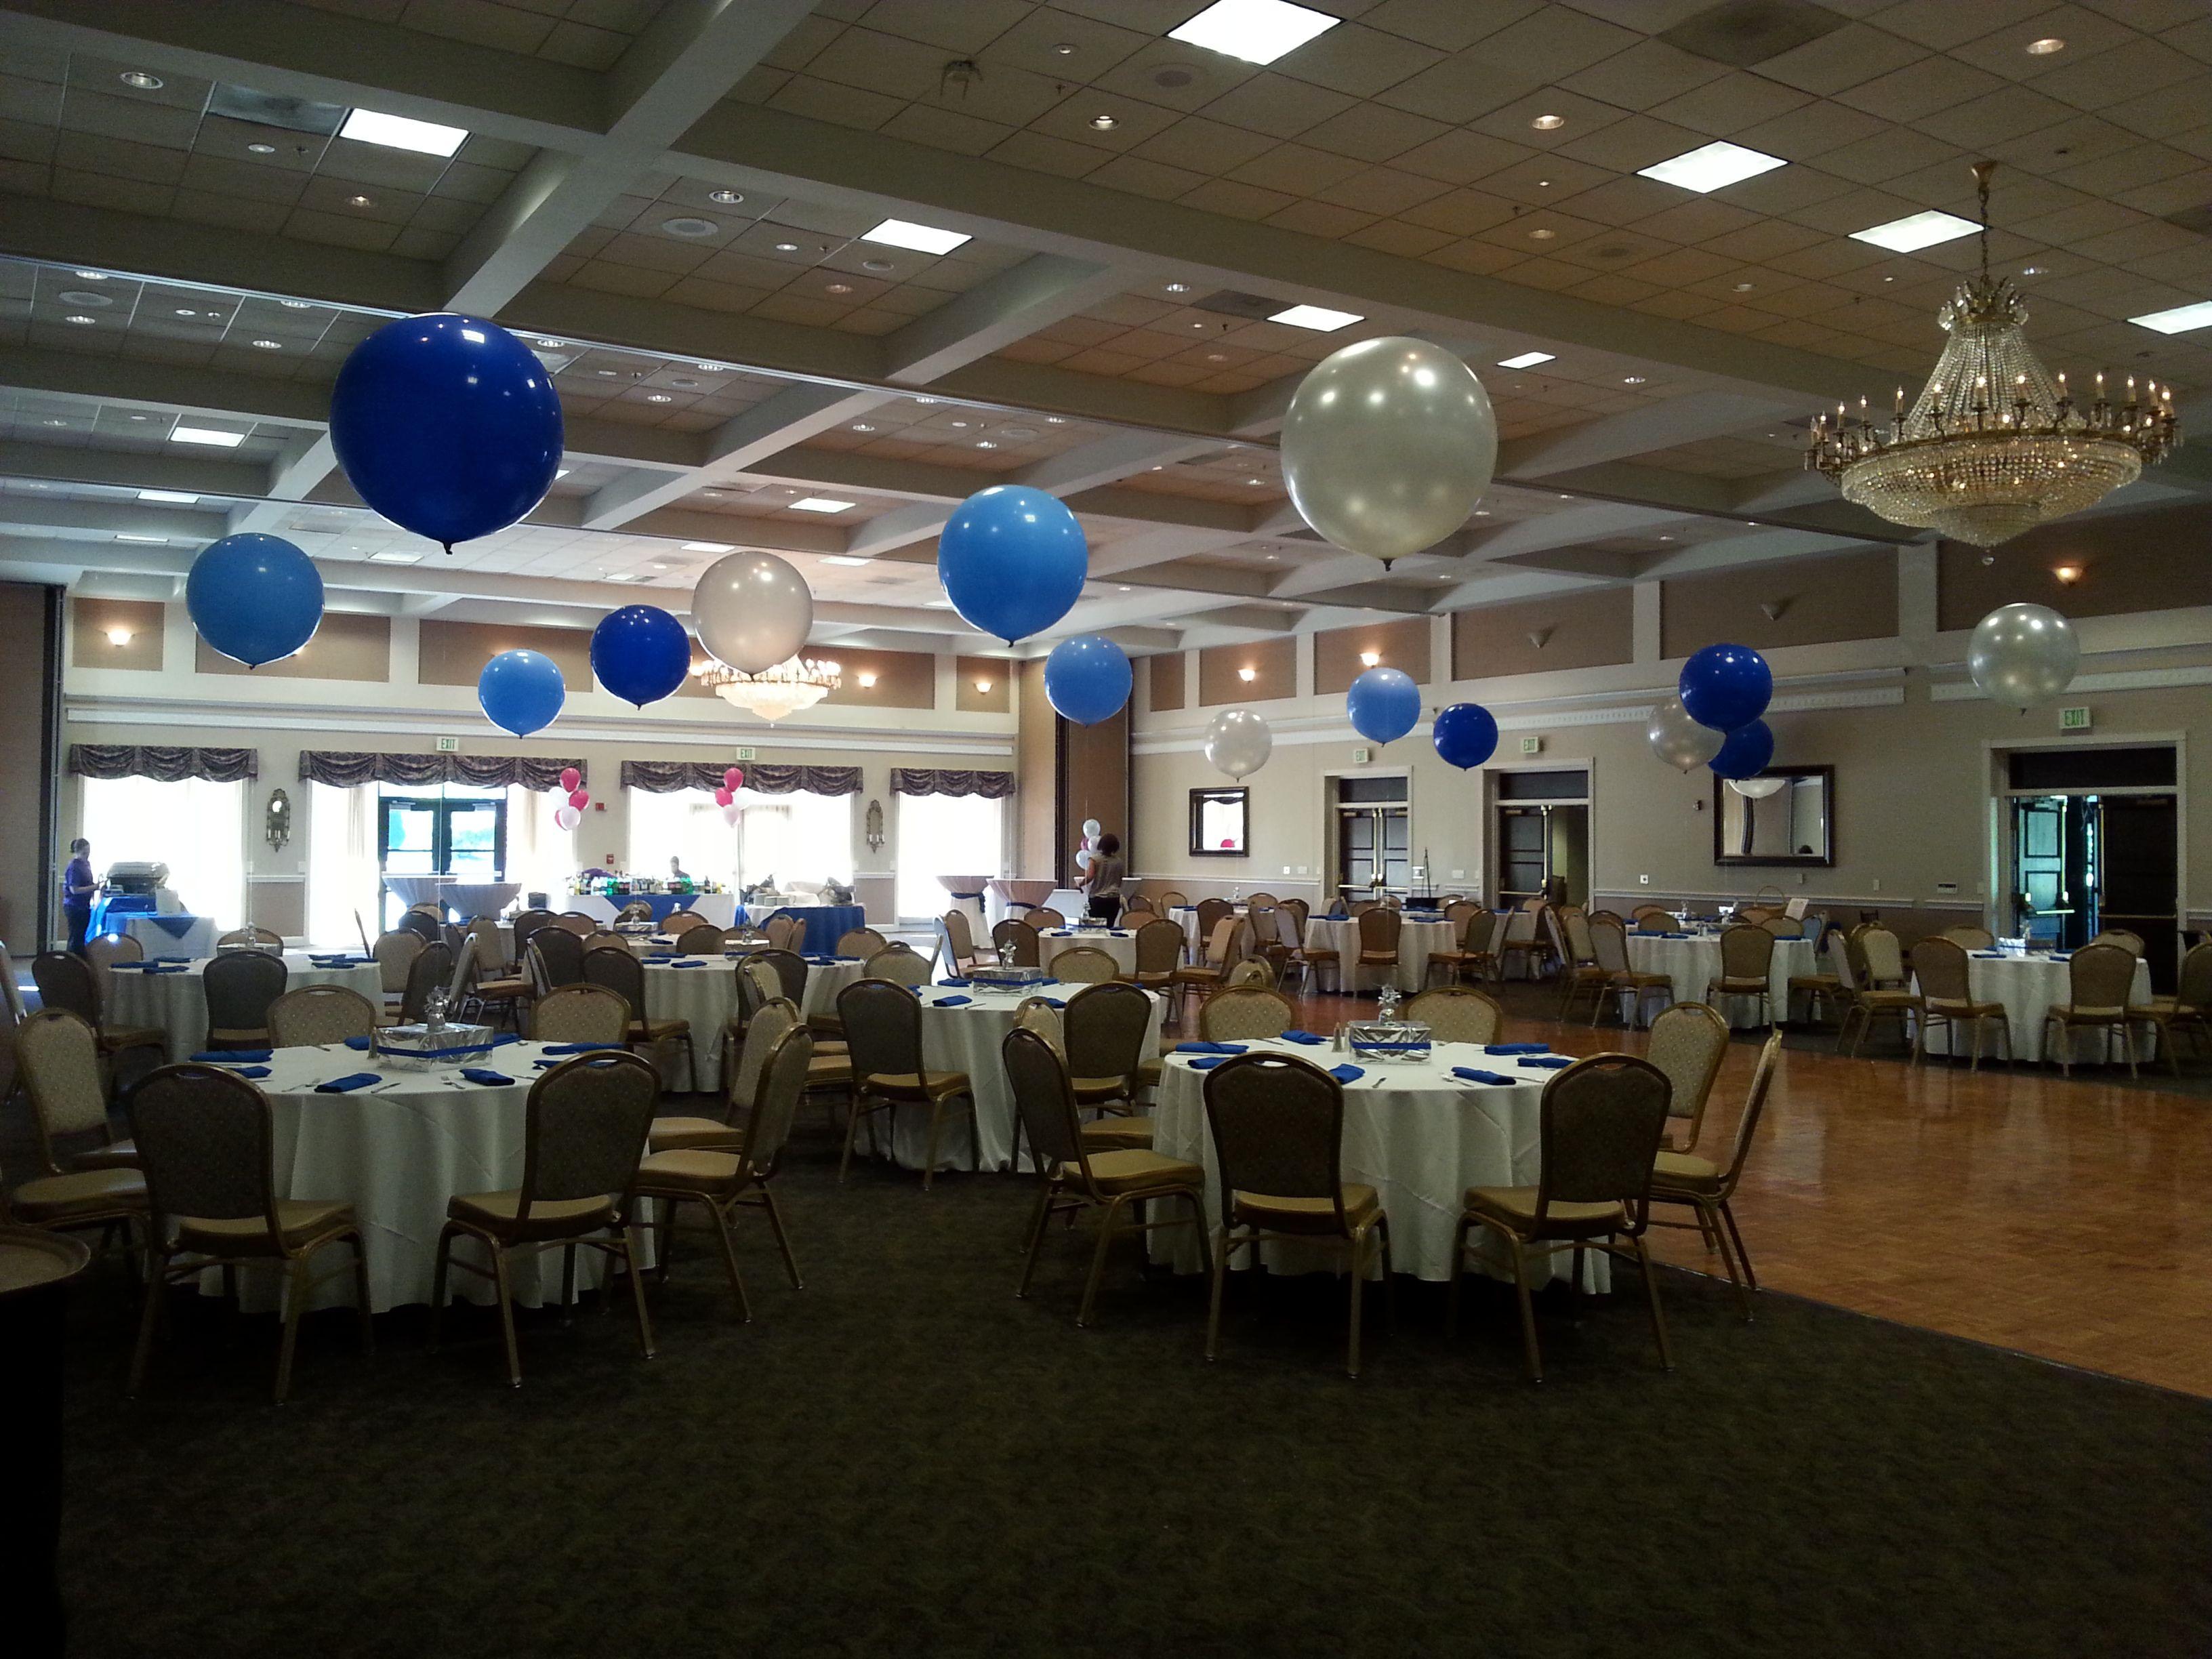 3 balloon centerpieces ten oaks ballroom clarksville maryland